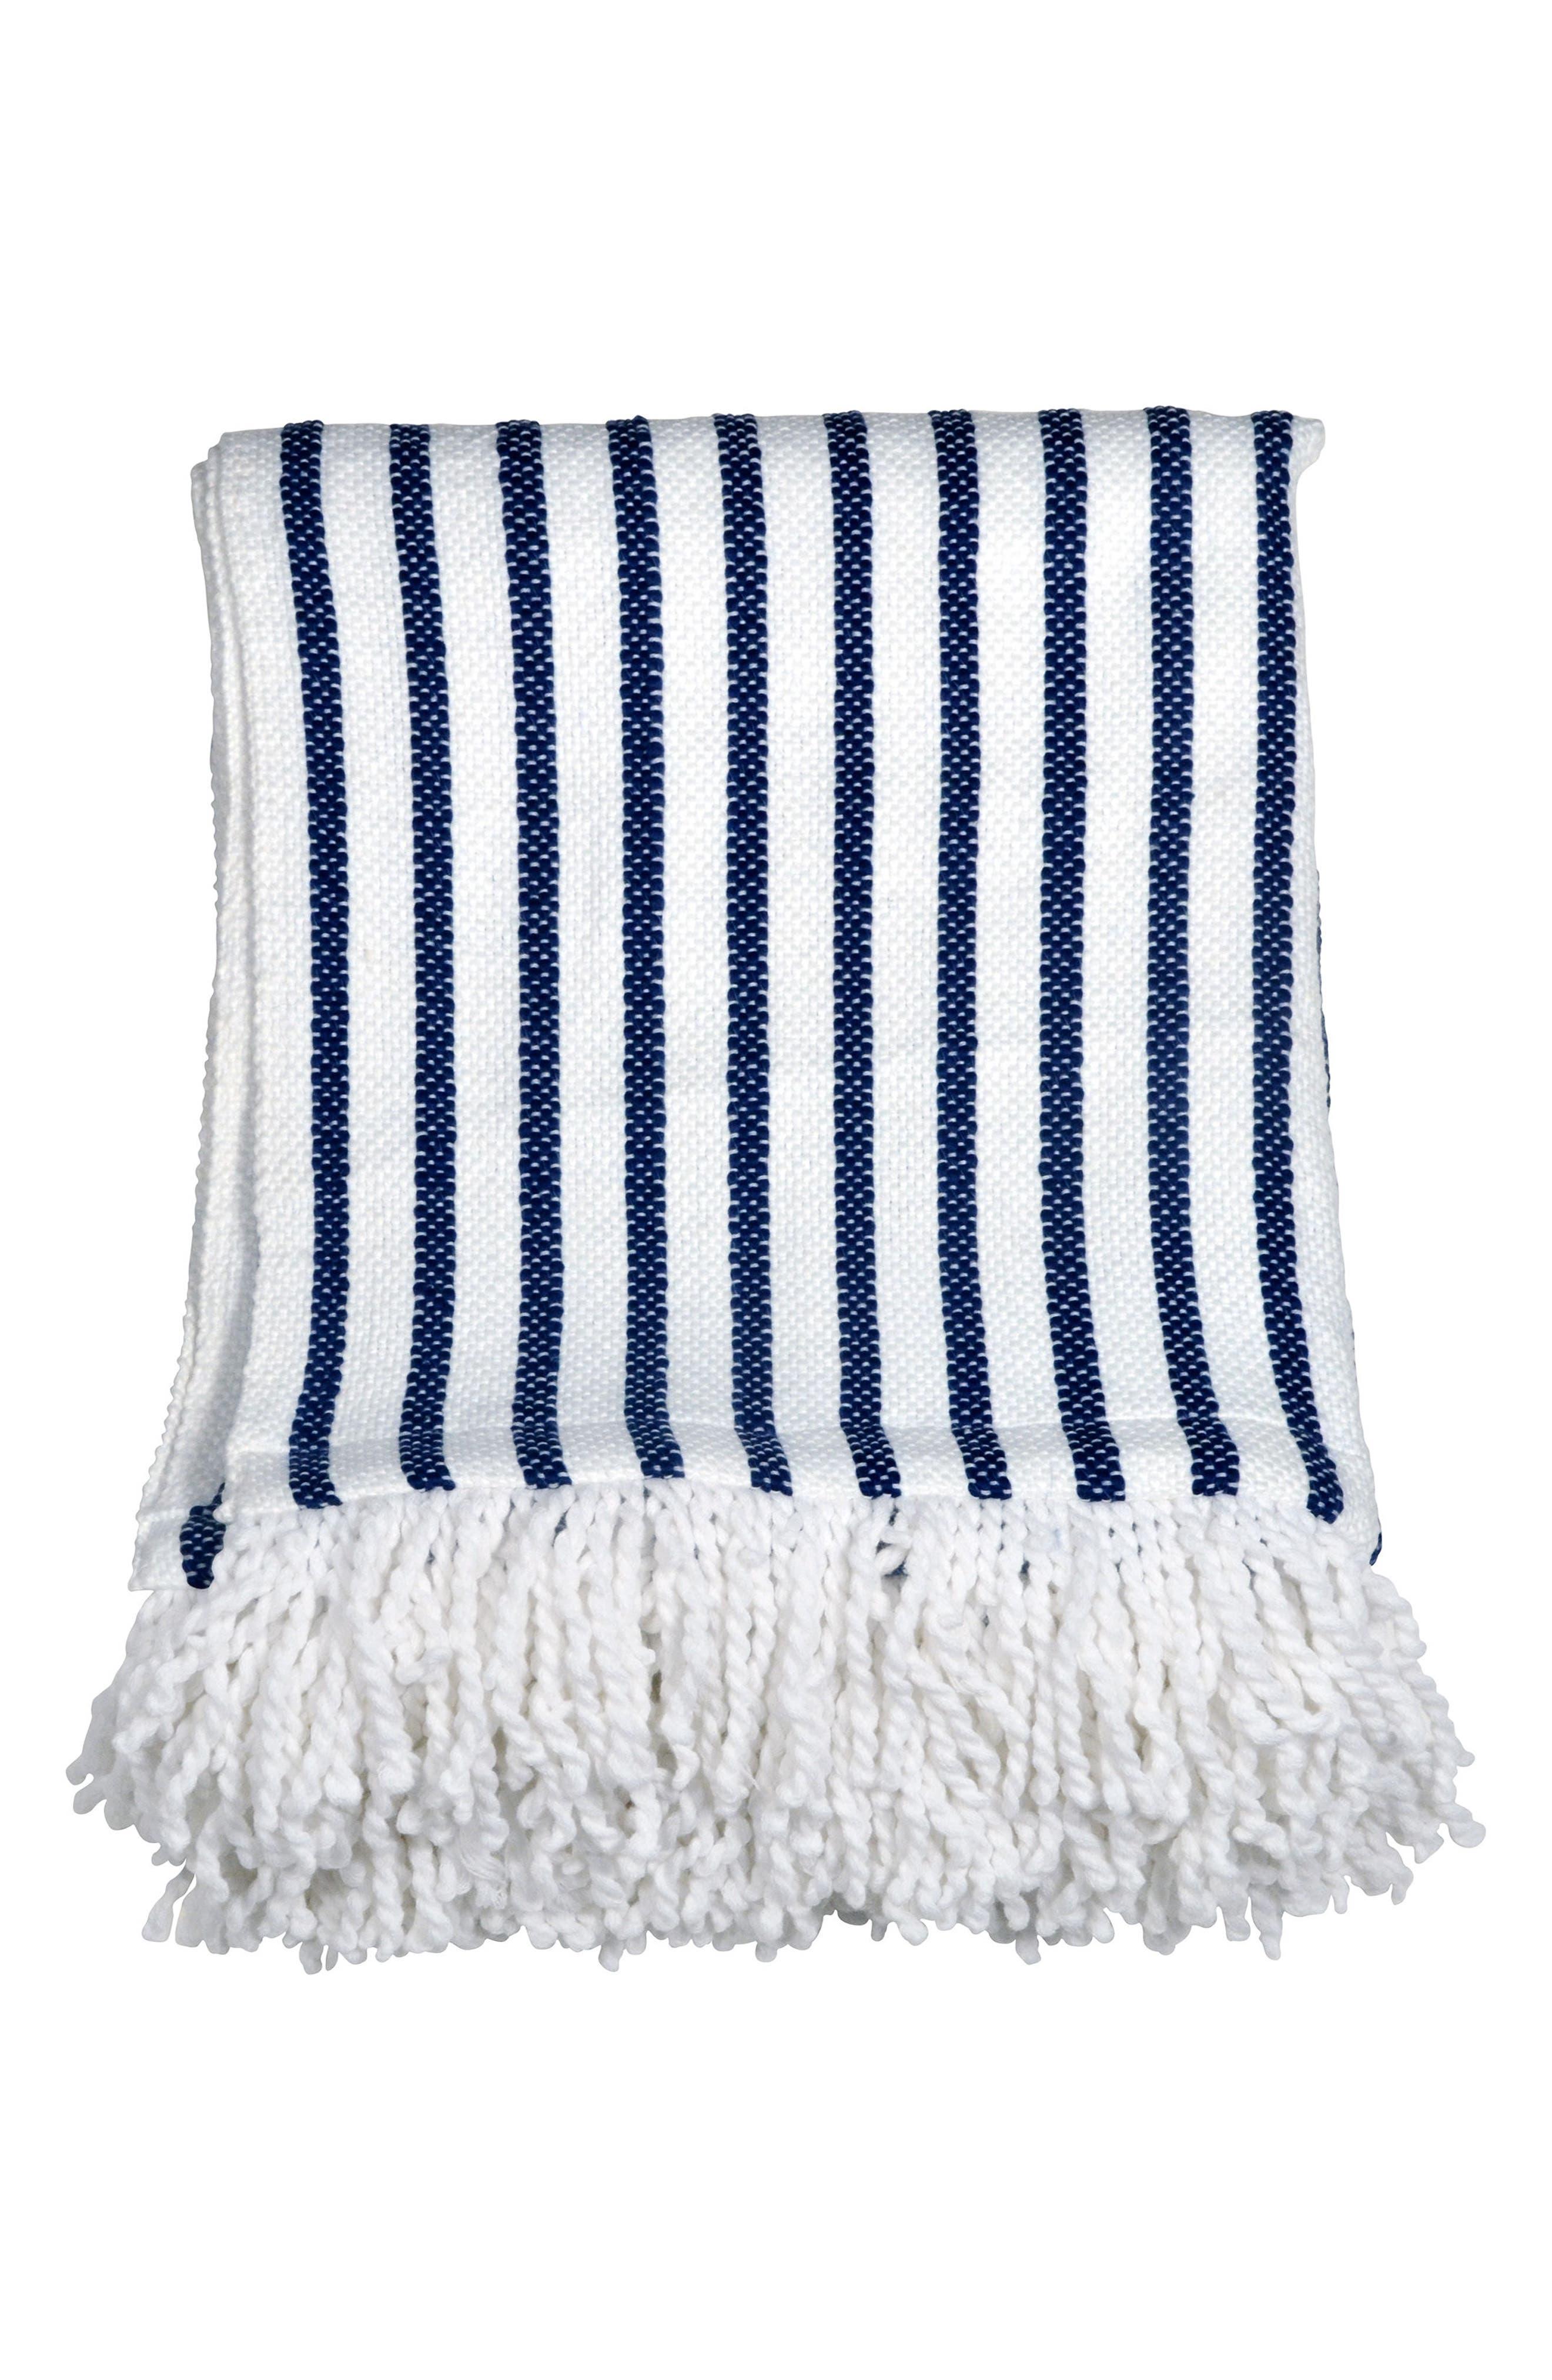 Fringe Throw Blanket,                             Main thumbnail 1, color,                             Navy/ White